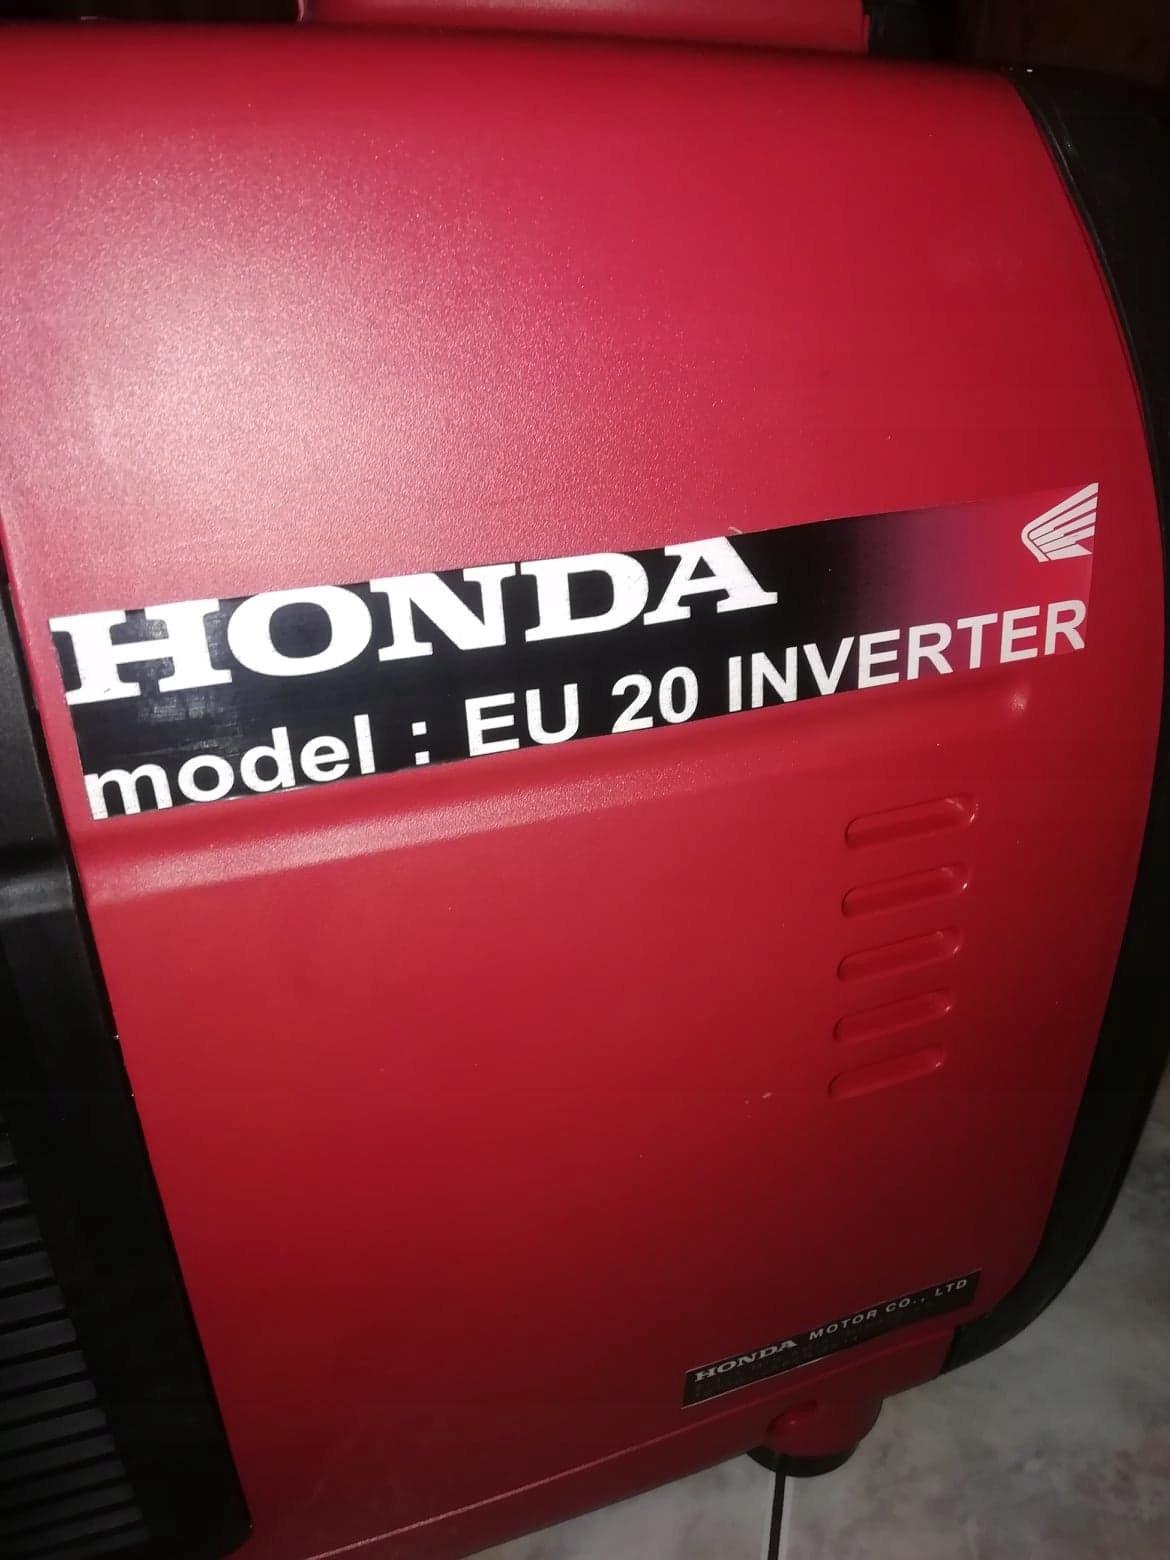 Cudowna Agregat prądotwórczy Honda eu20i 3,5 kW - 7704749574 - oficjalne CQ85